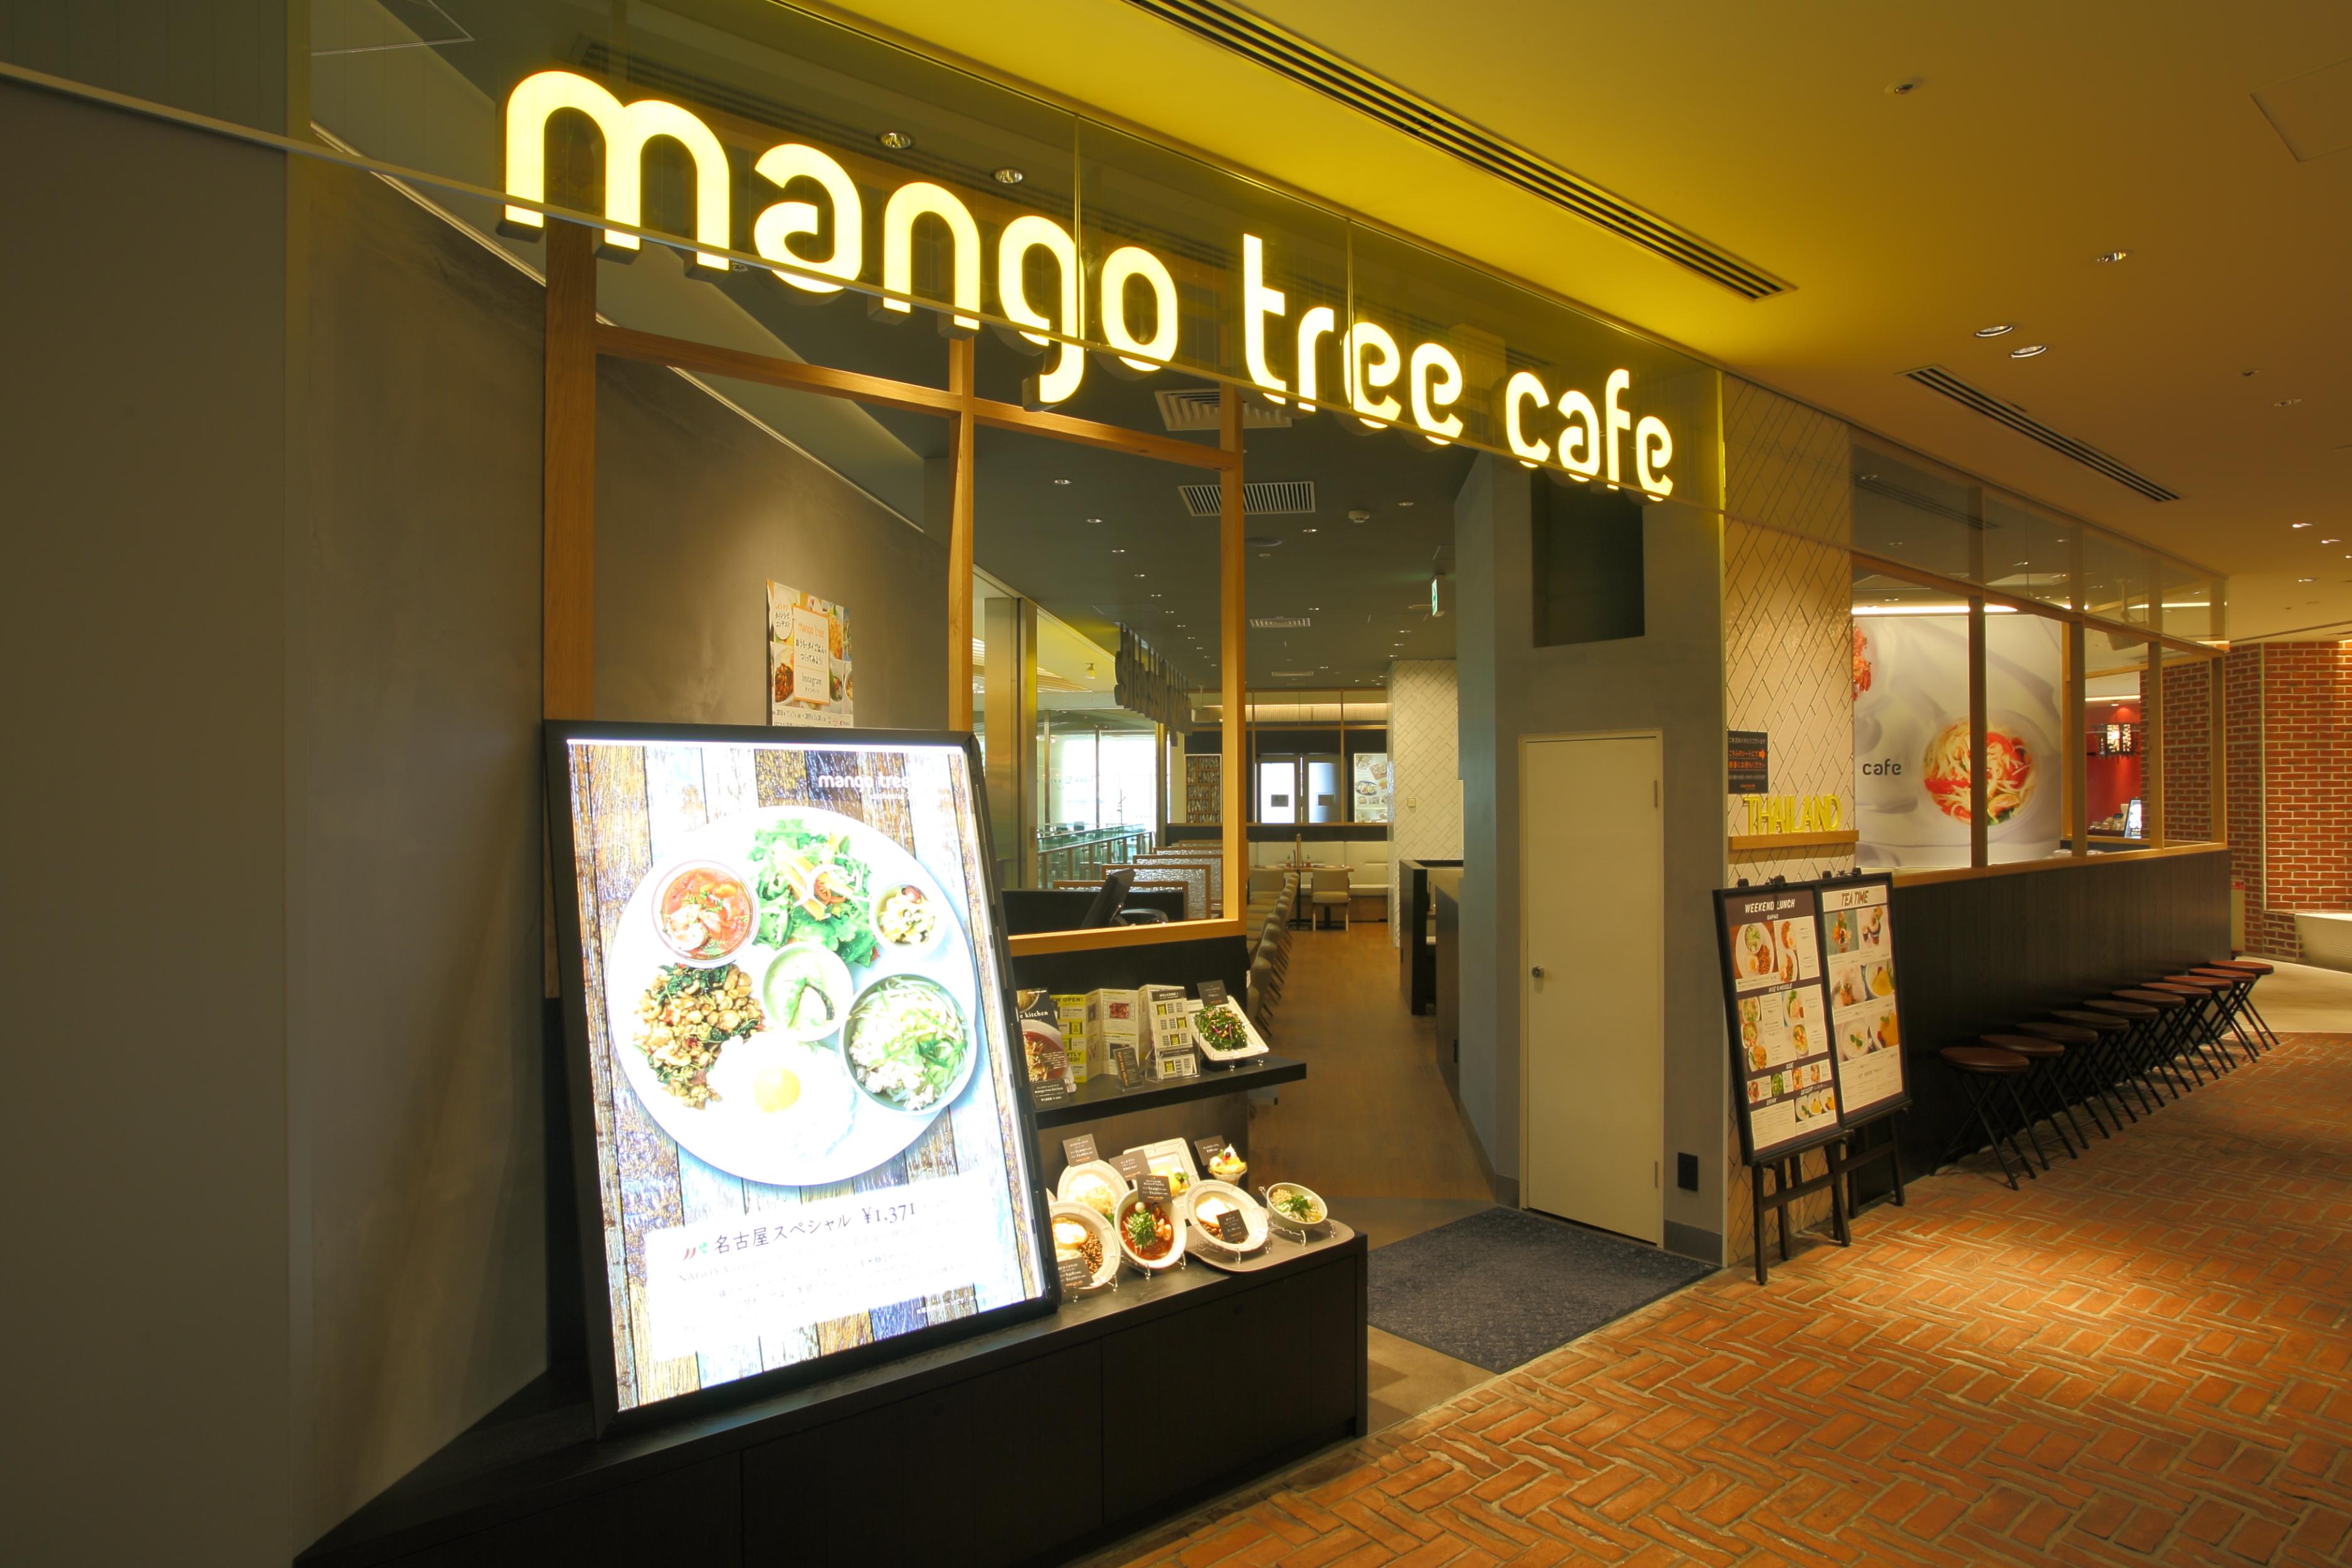 名古屋、栄ラシックでランチに使える!おすすめレストラン・カフェ7選まとめ - 1543982406366